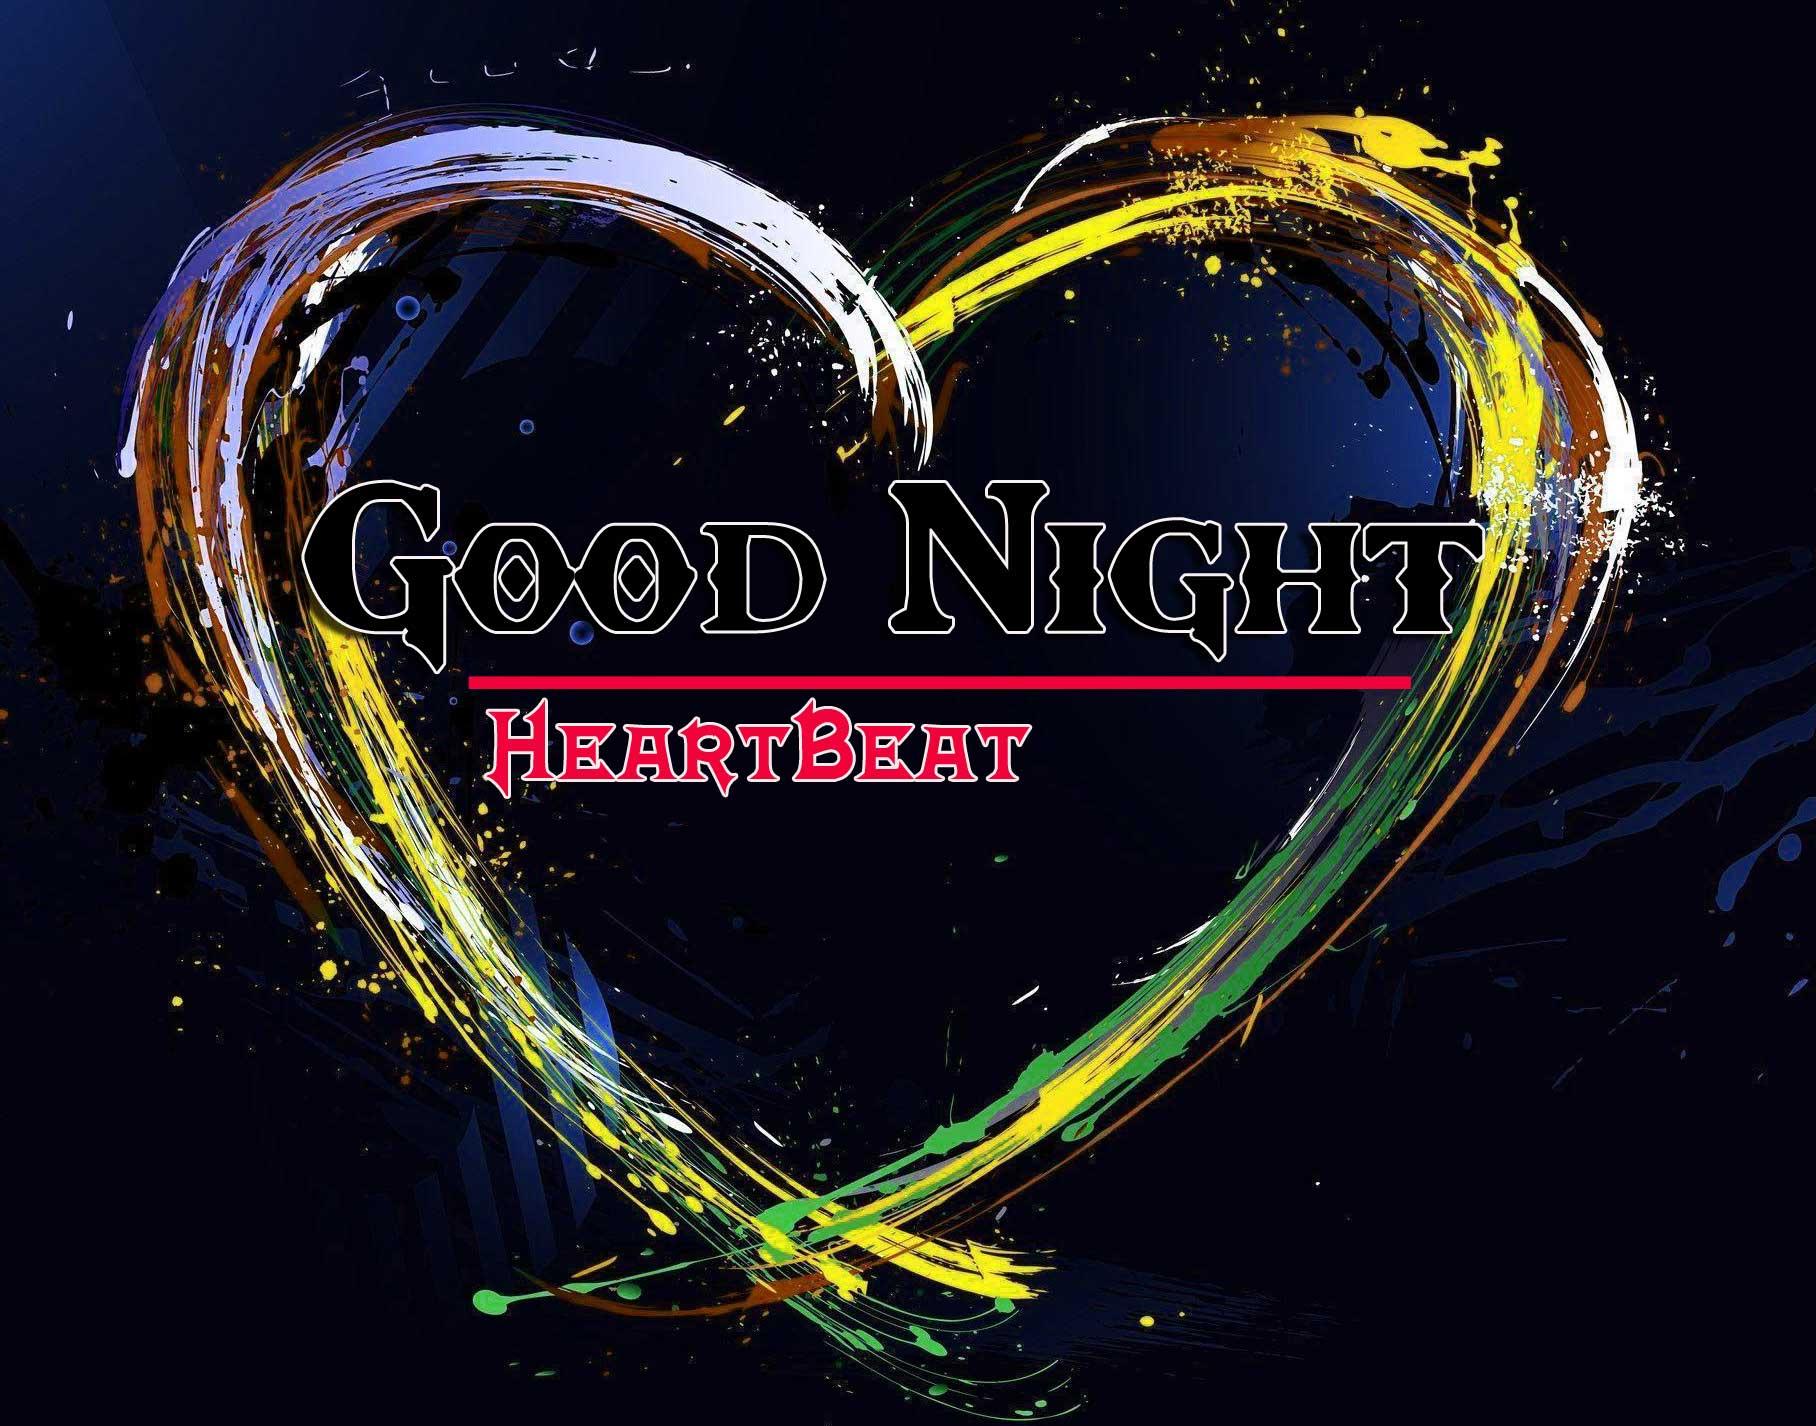 Good Night Wallpaper 3